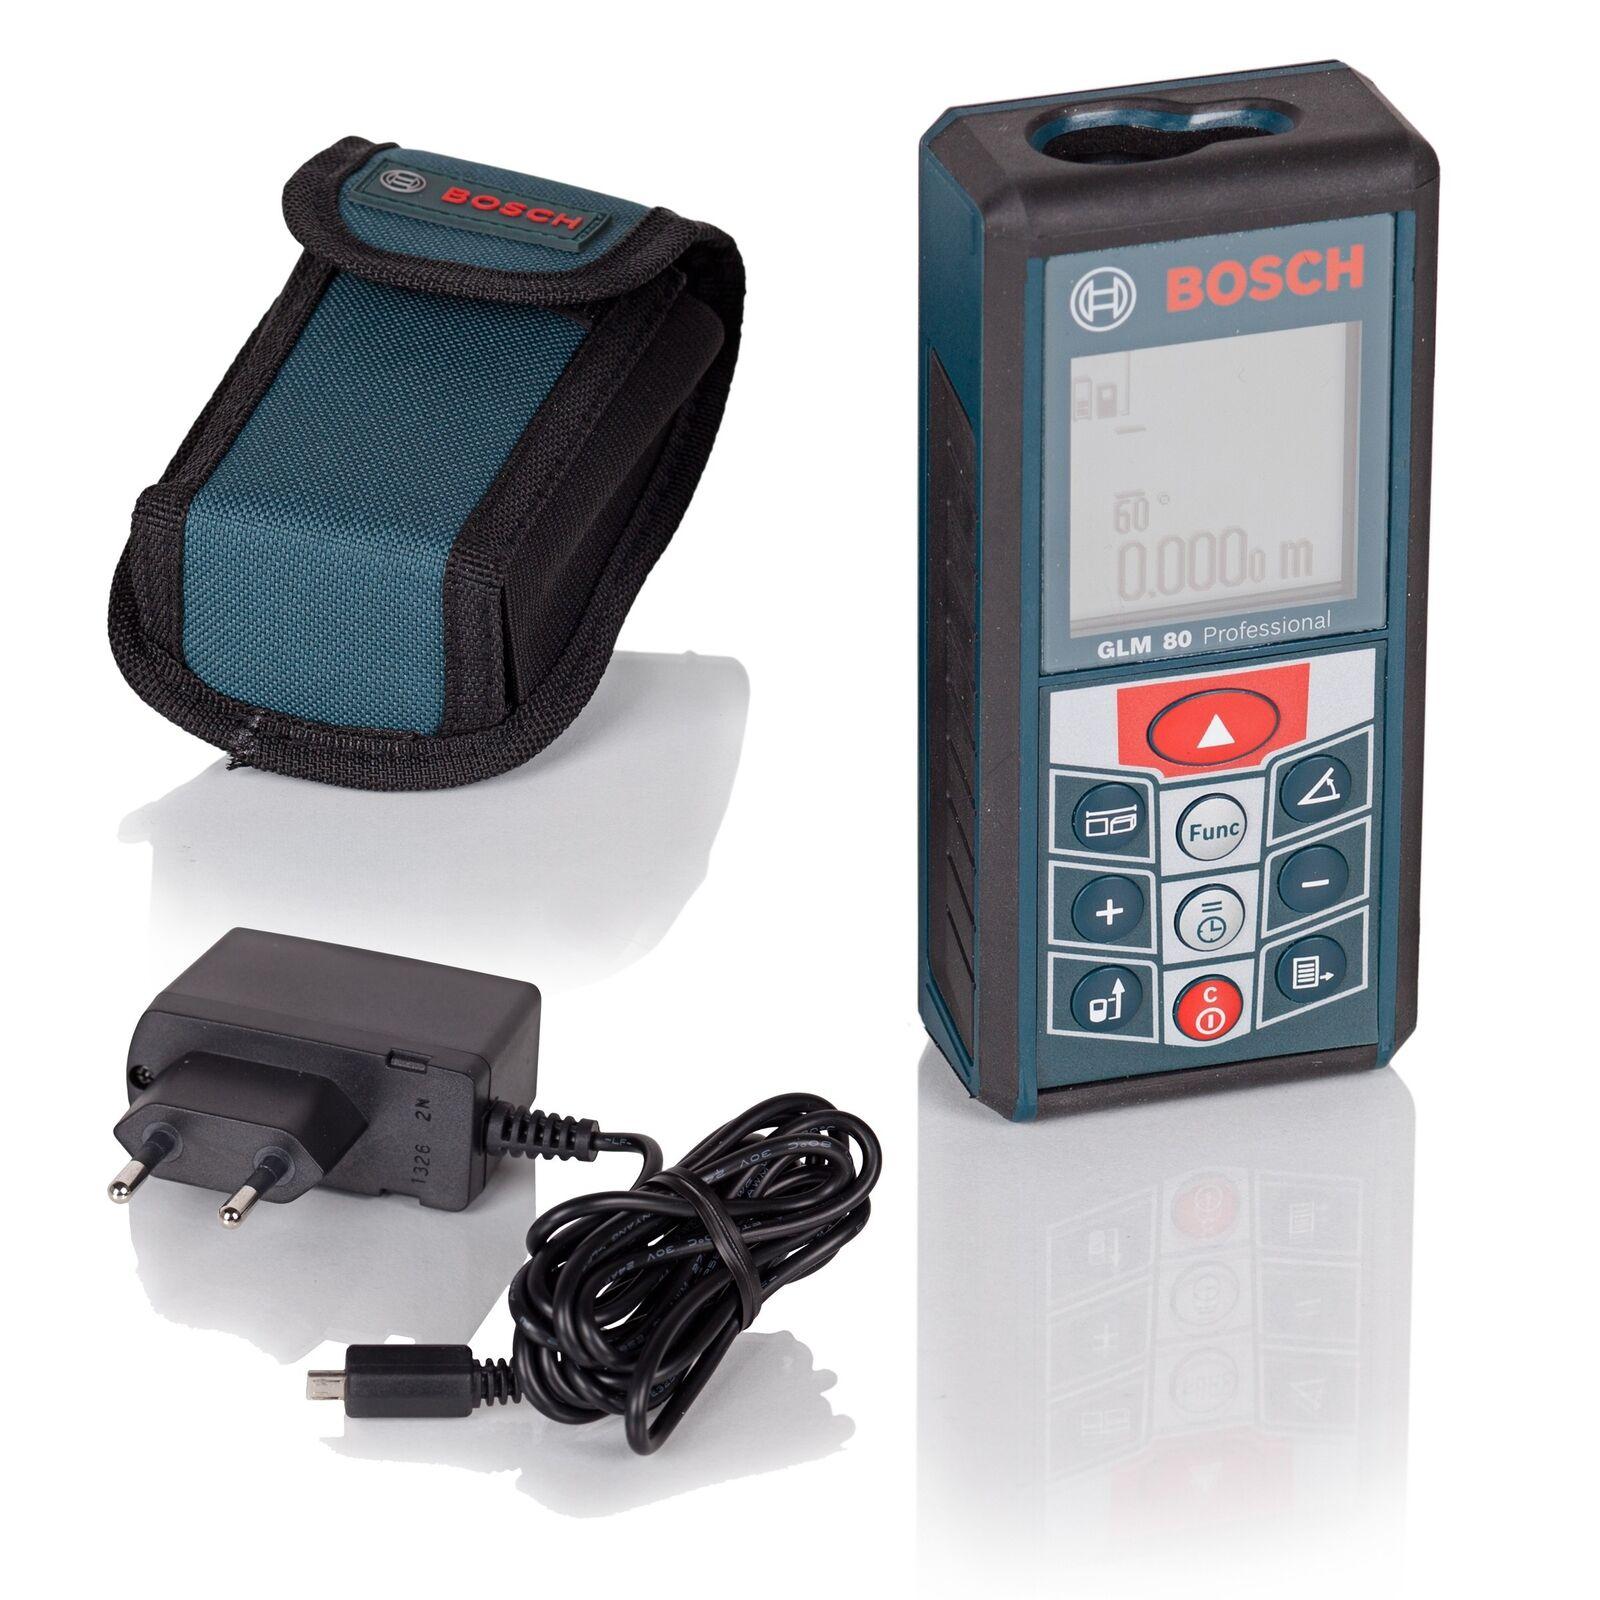 Bosch Laser Entfernungsmesser GLM80 mit Mini USB Ladebuchse